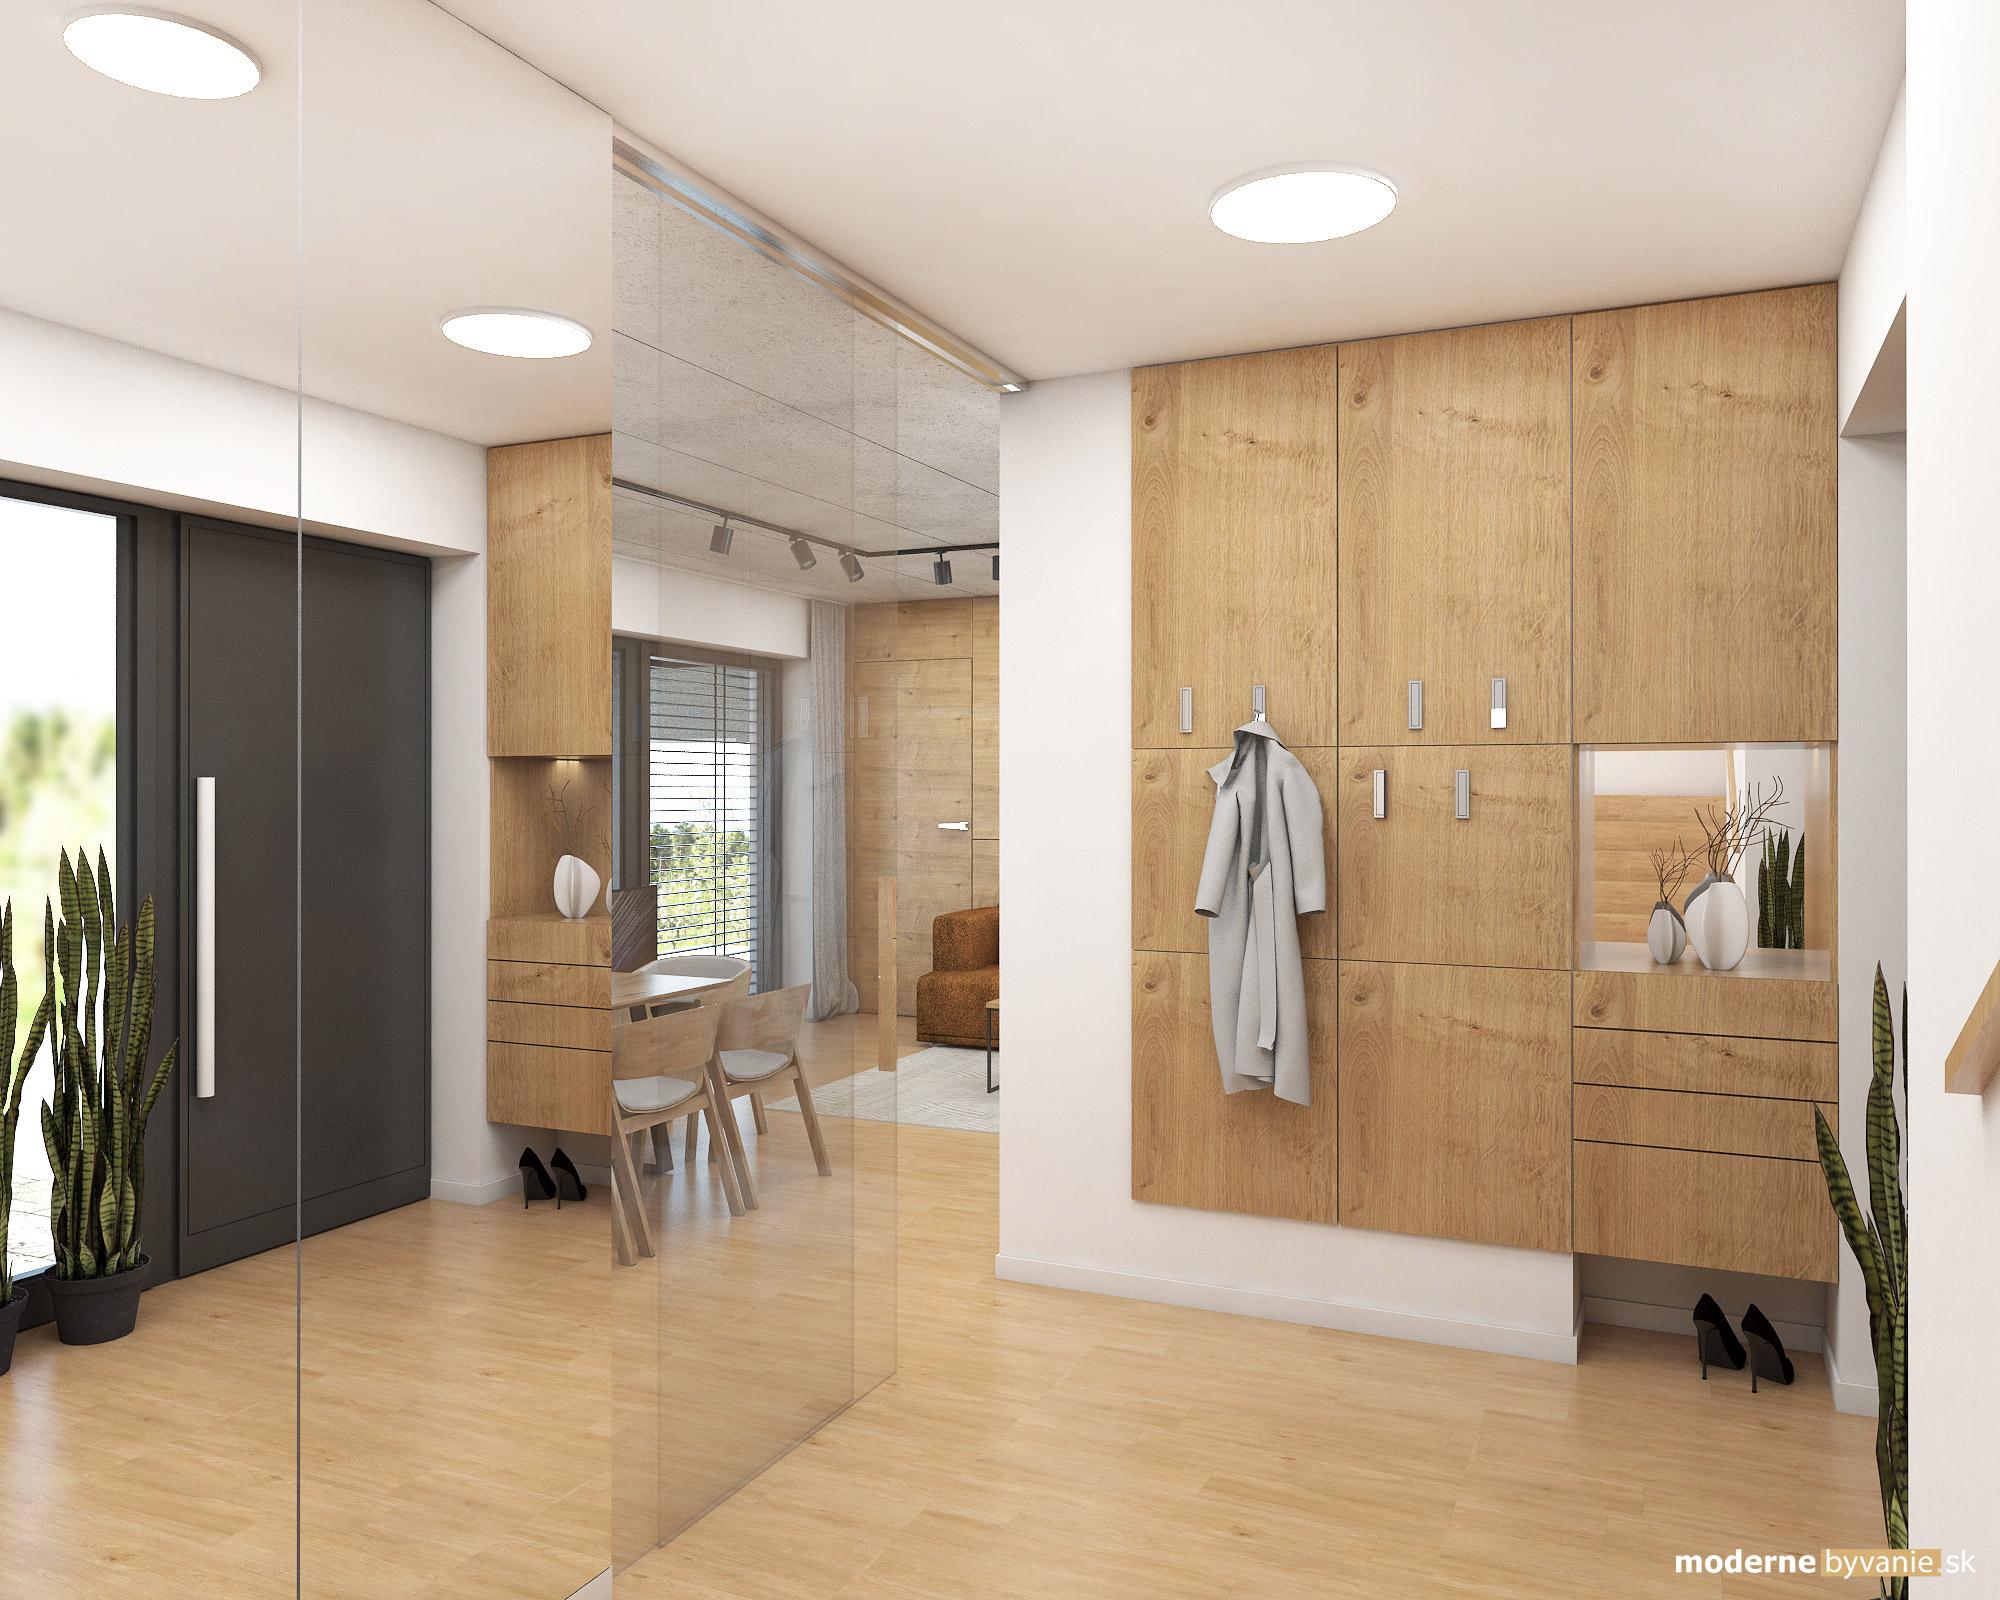 Návrh interiéru - Chodba - Dizajn interiéru domu v Tatrách